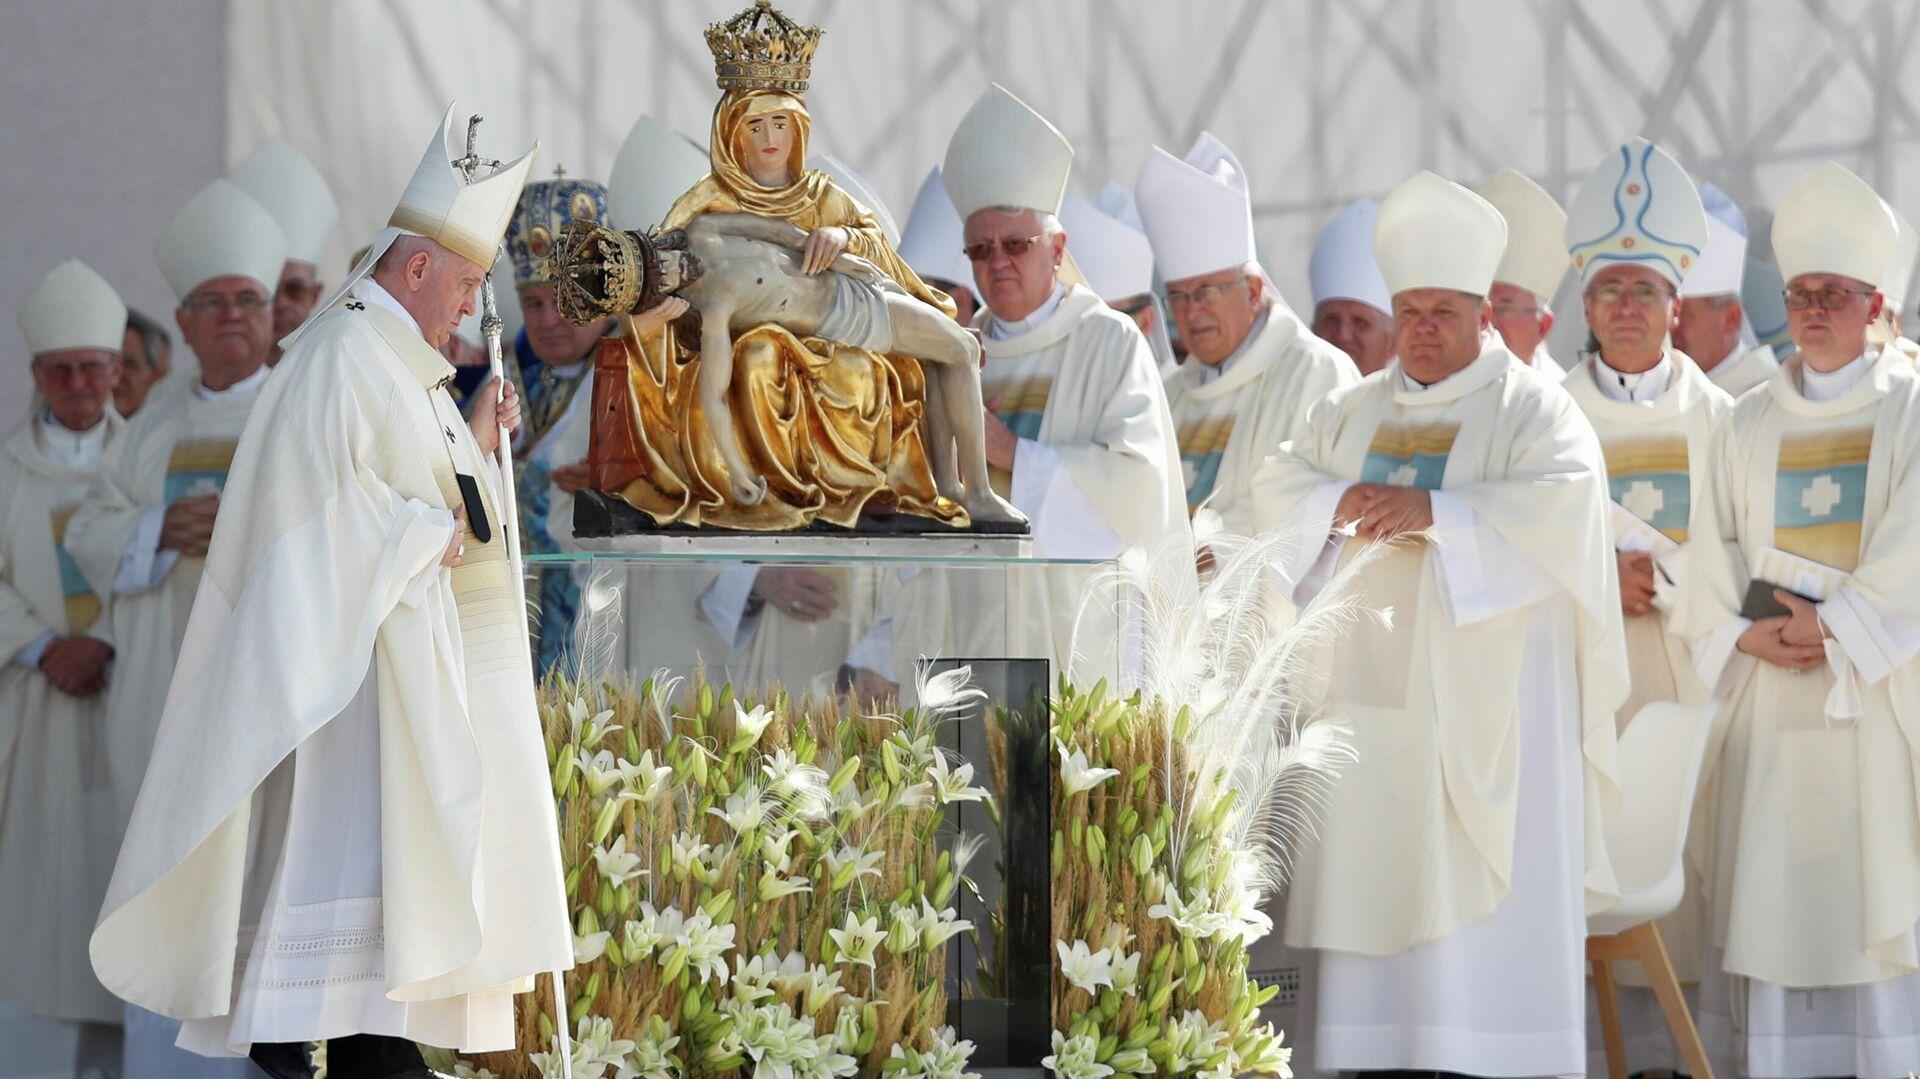 Papst Franziskus bei Besuch in der Slowakei - SNA, 1920, 15.09.2021